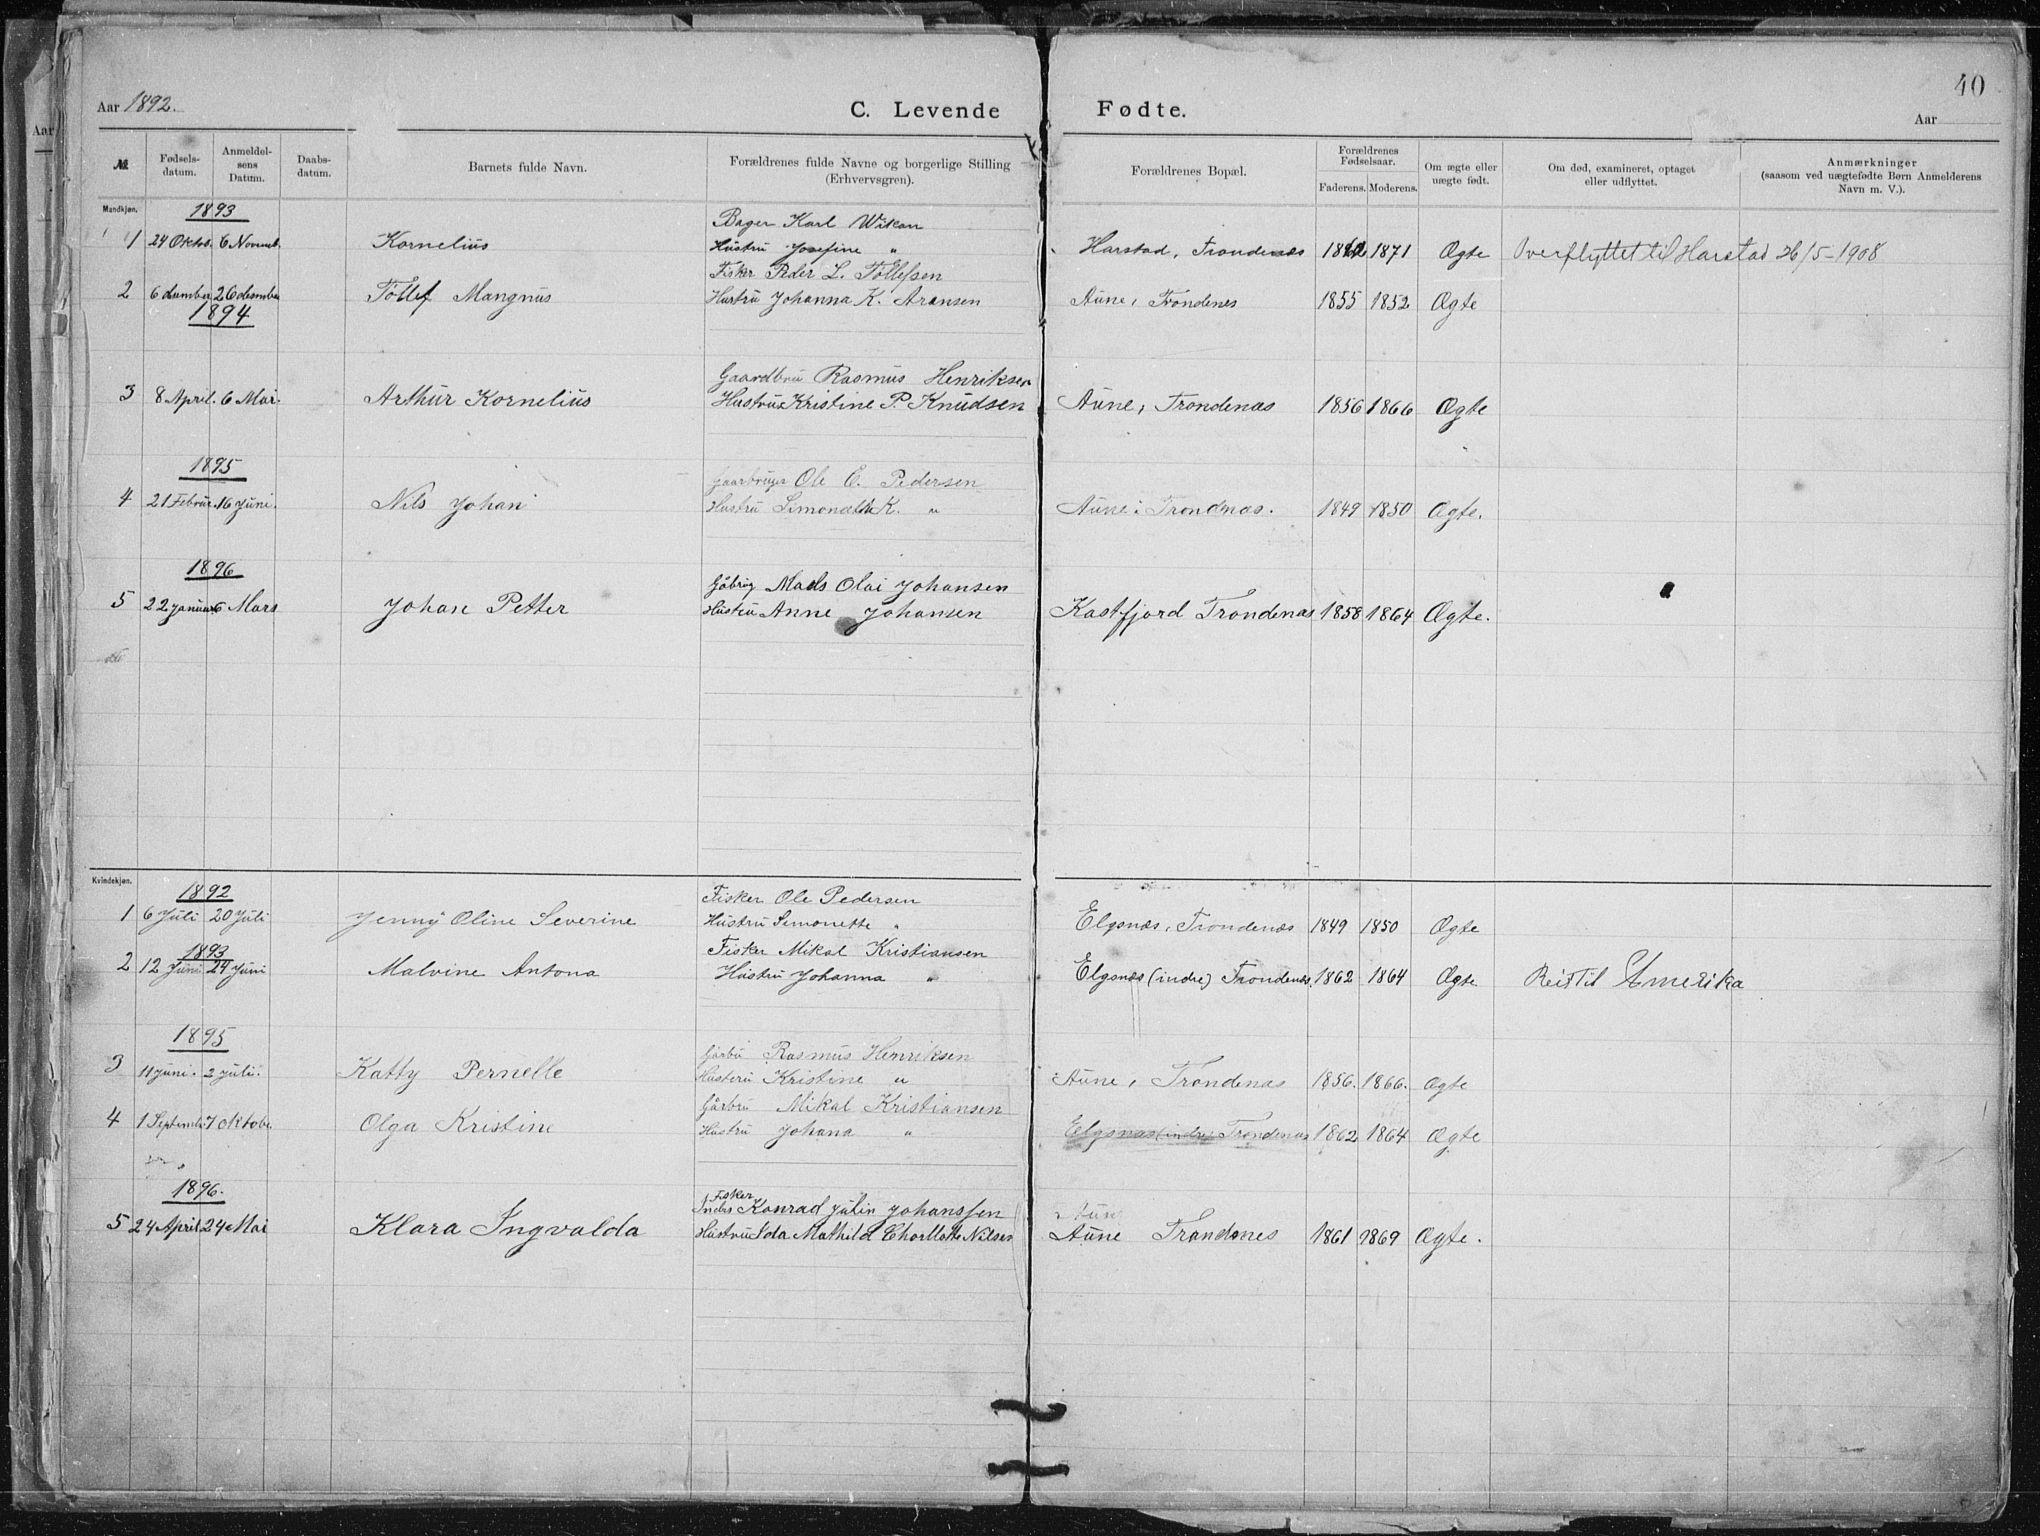 SATØ, Aune baptistmenighet, F/L0006DP: Dissenterprotokoll nr. 6, 1887-1939, s. 40